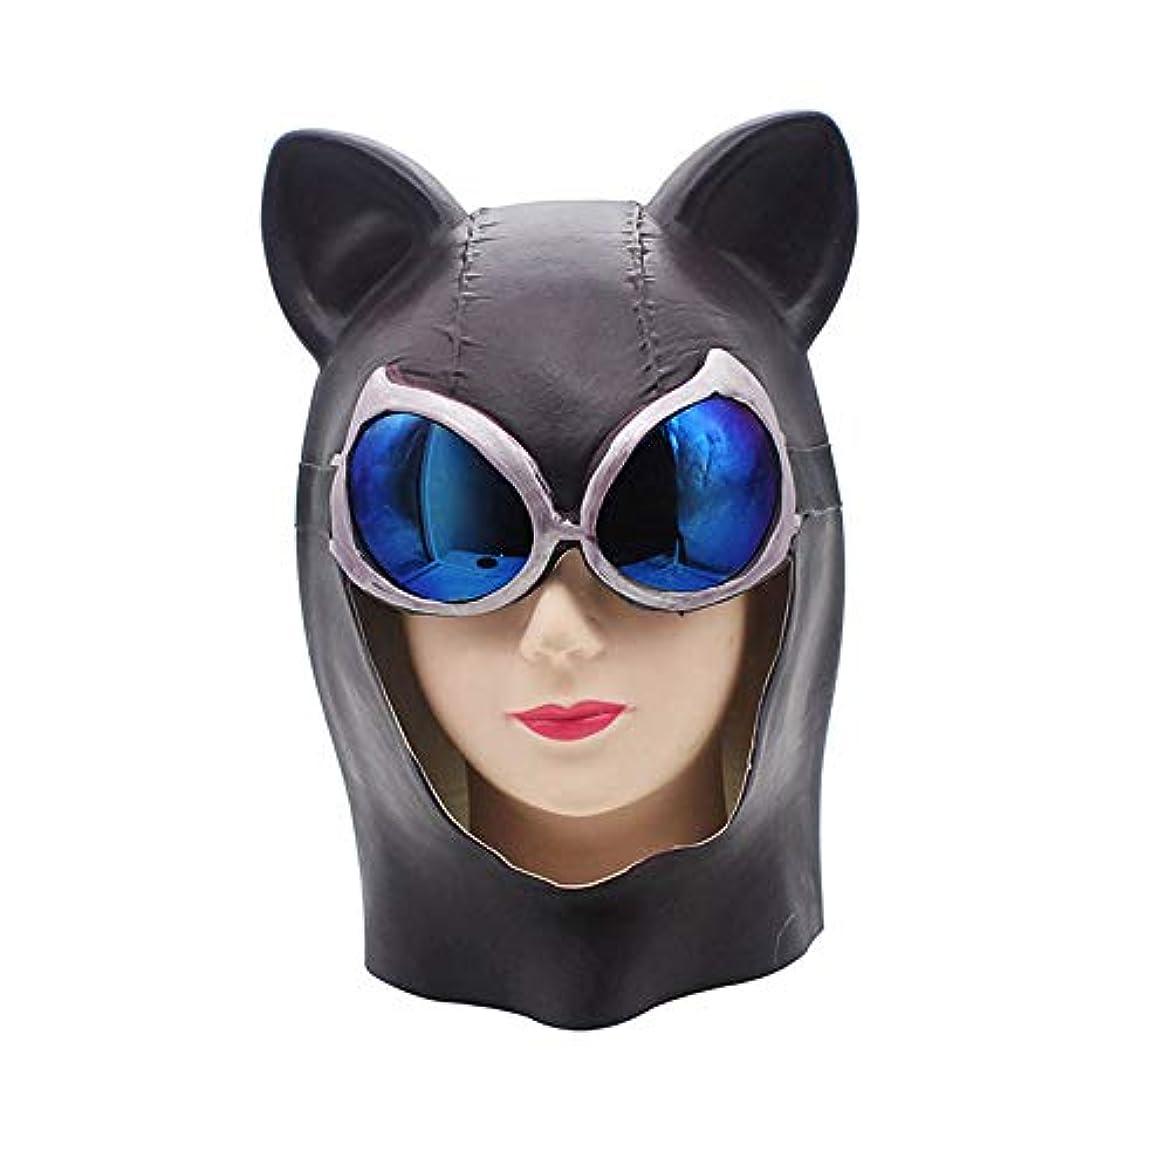 相対サイズ買い手親指ハロウィンホラーマスクセクシーな猫女性の顔ホーンホーンフォックスマスクビデオバットマンヘッドギア猫のフェイスマスク